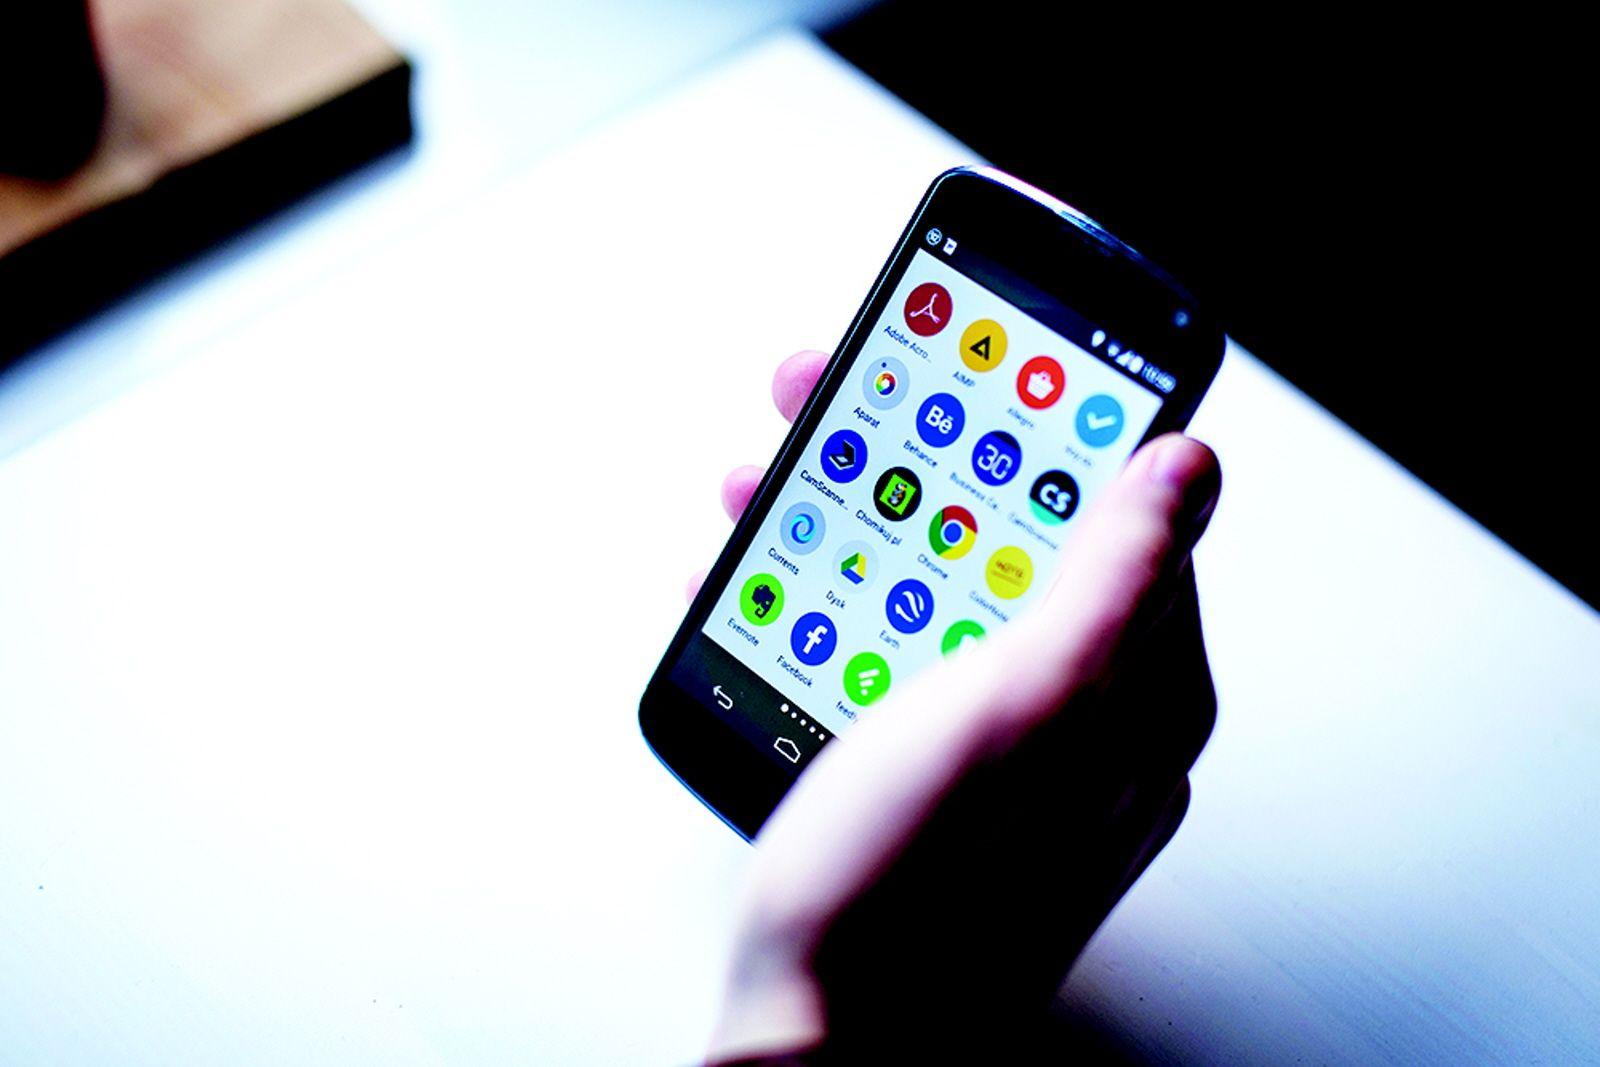 Les pannes les plus récurrentes sur les appareils mobiles